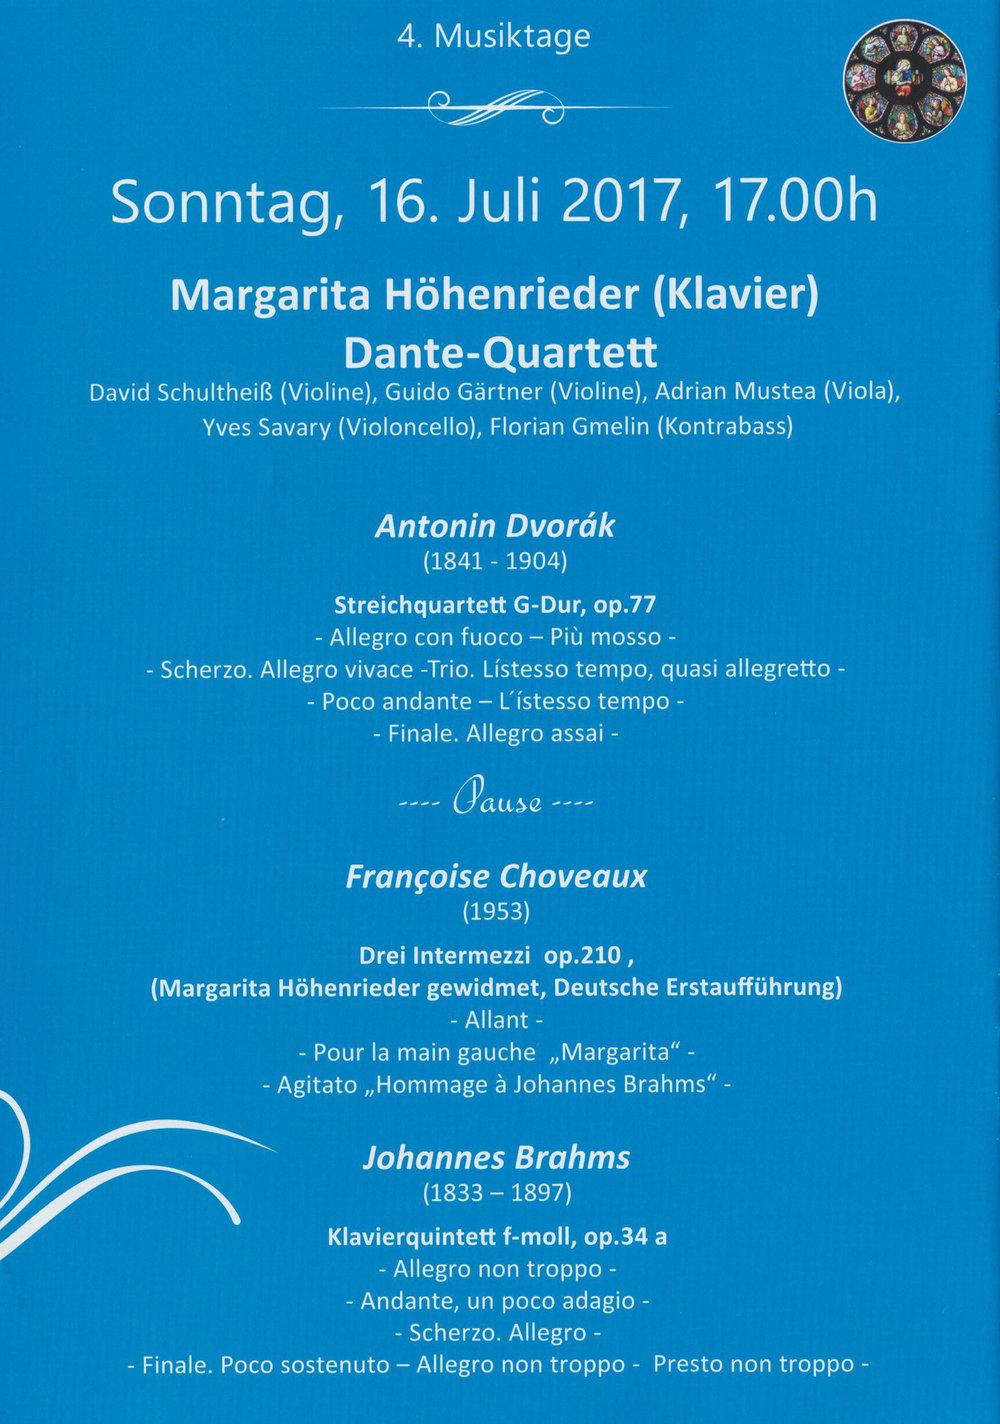 Das Dante-Quartett setzt sich aus Mitgliedern des Bayerischen Staatsorchesters zusammen .